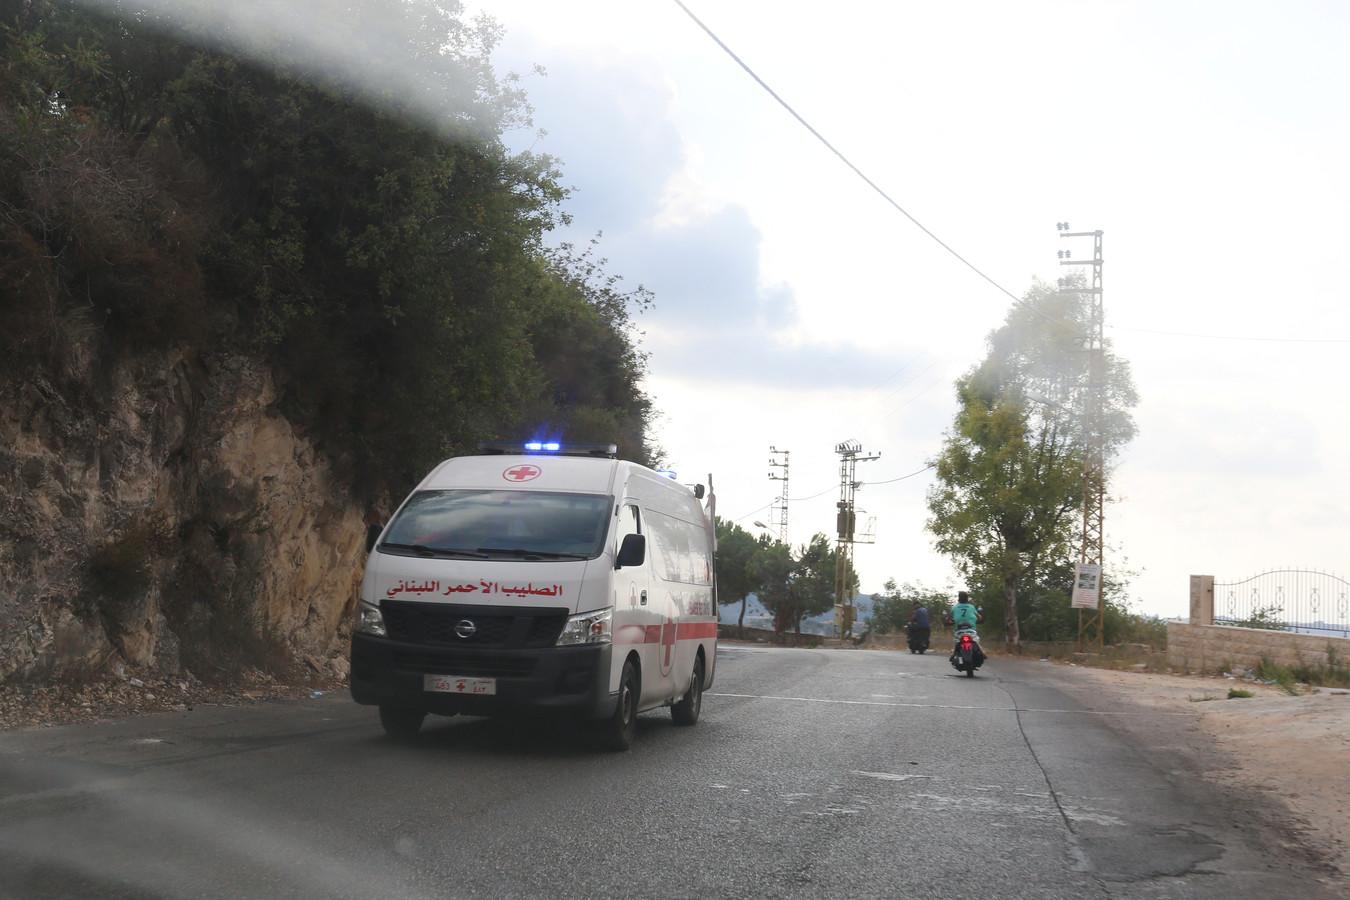 Libanon opnieuw opgeschrikt door explosie in wapendepot, verschillende gewonden.